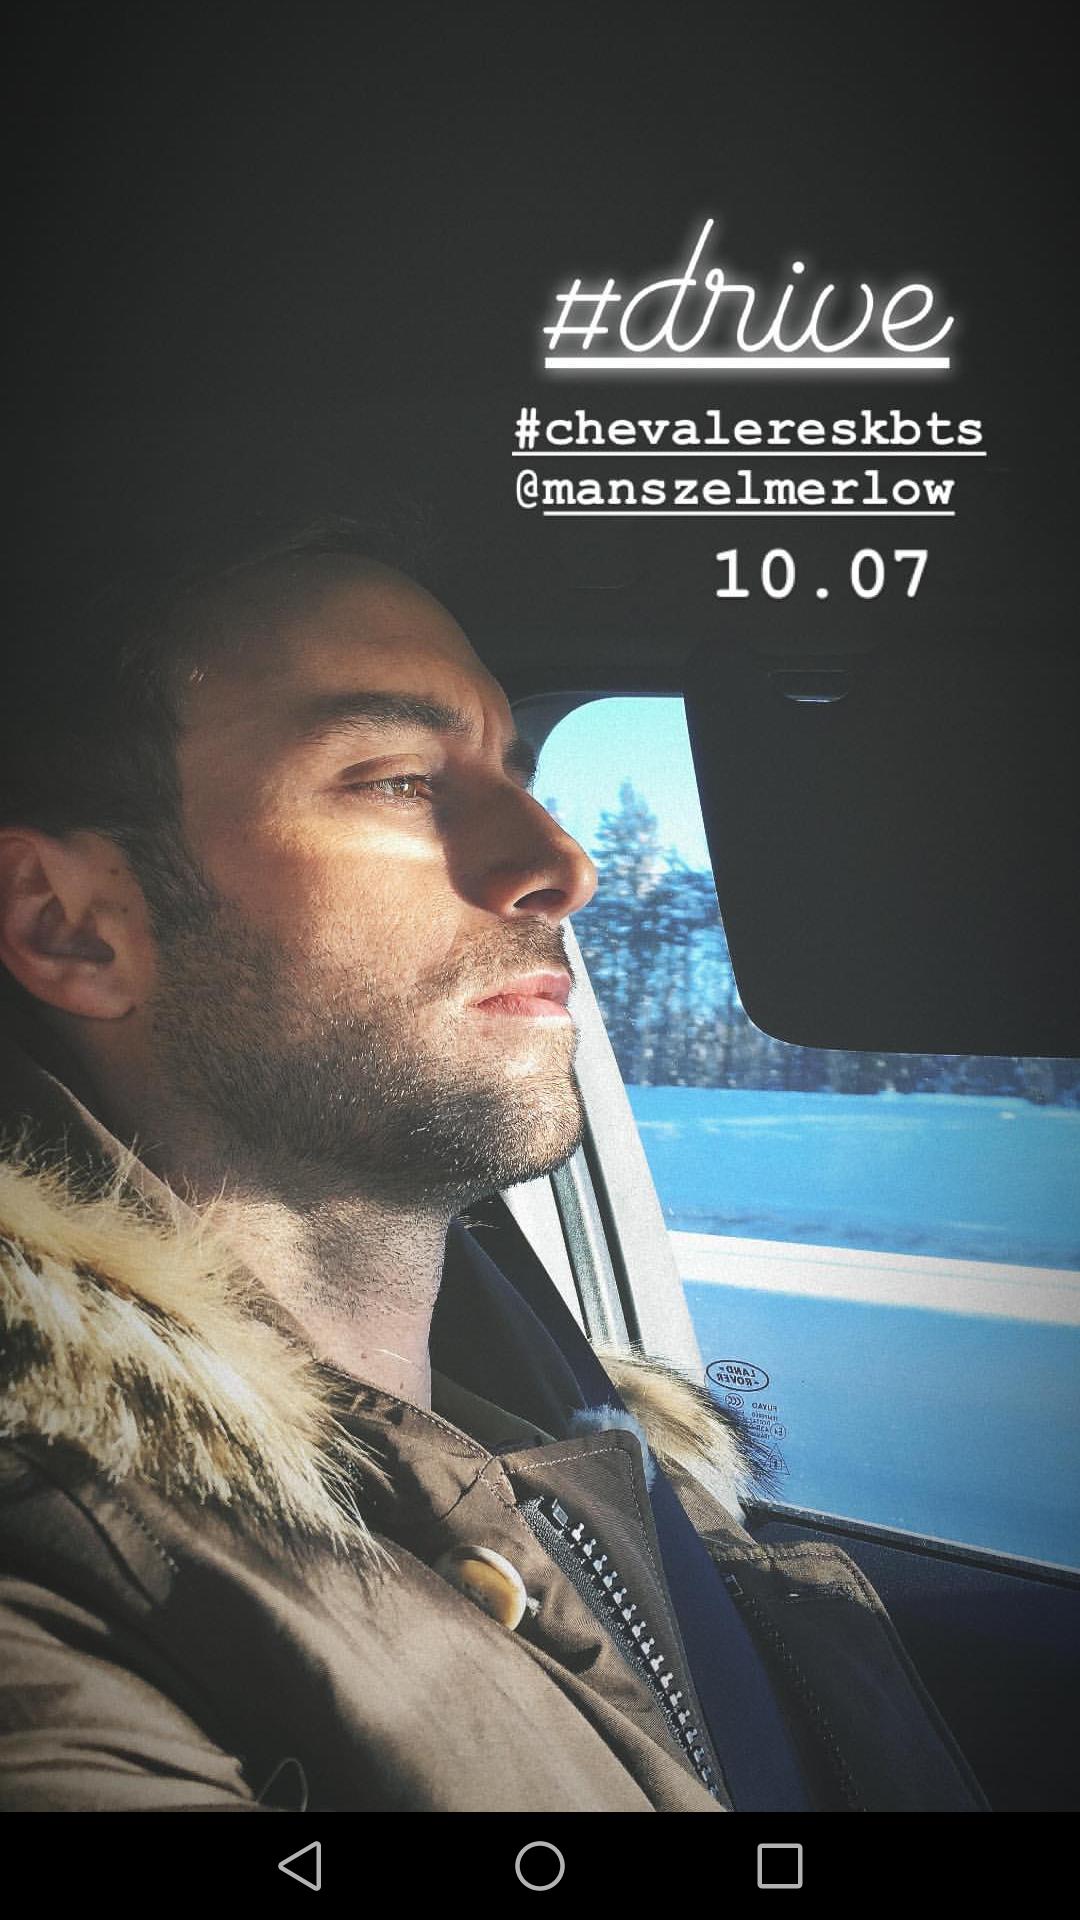 Chevaleresk season 2 on set – here we go again !